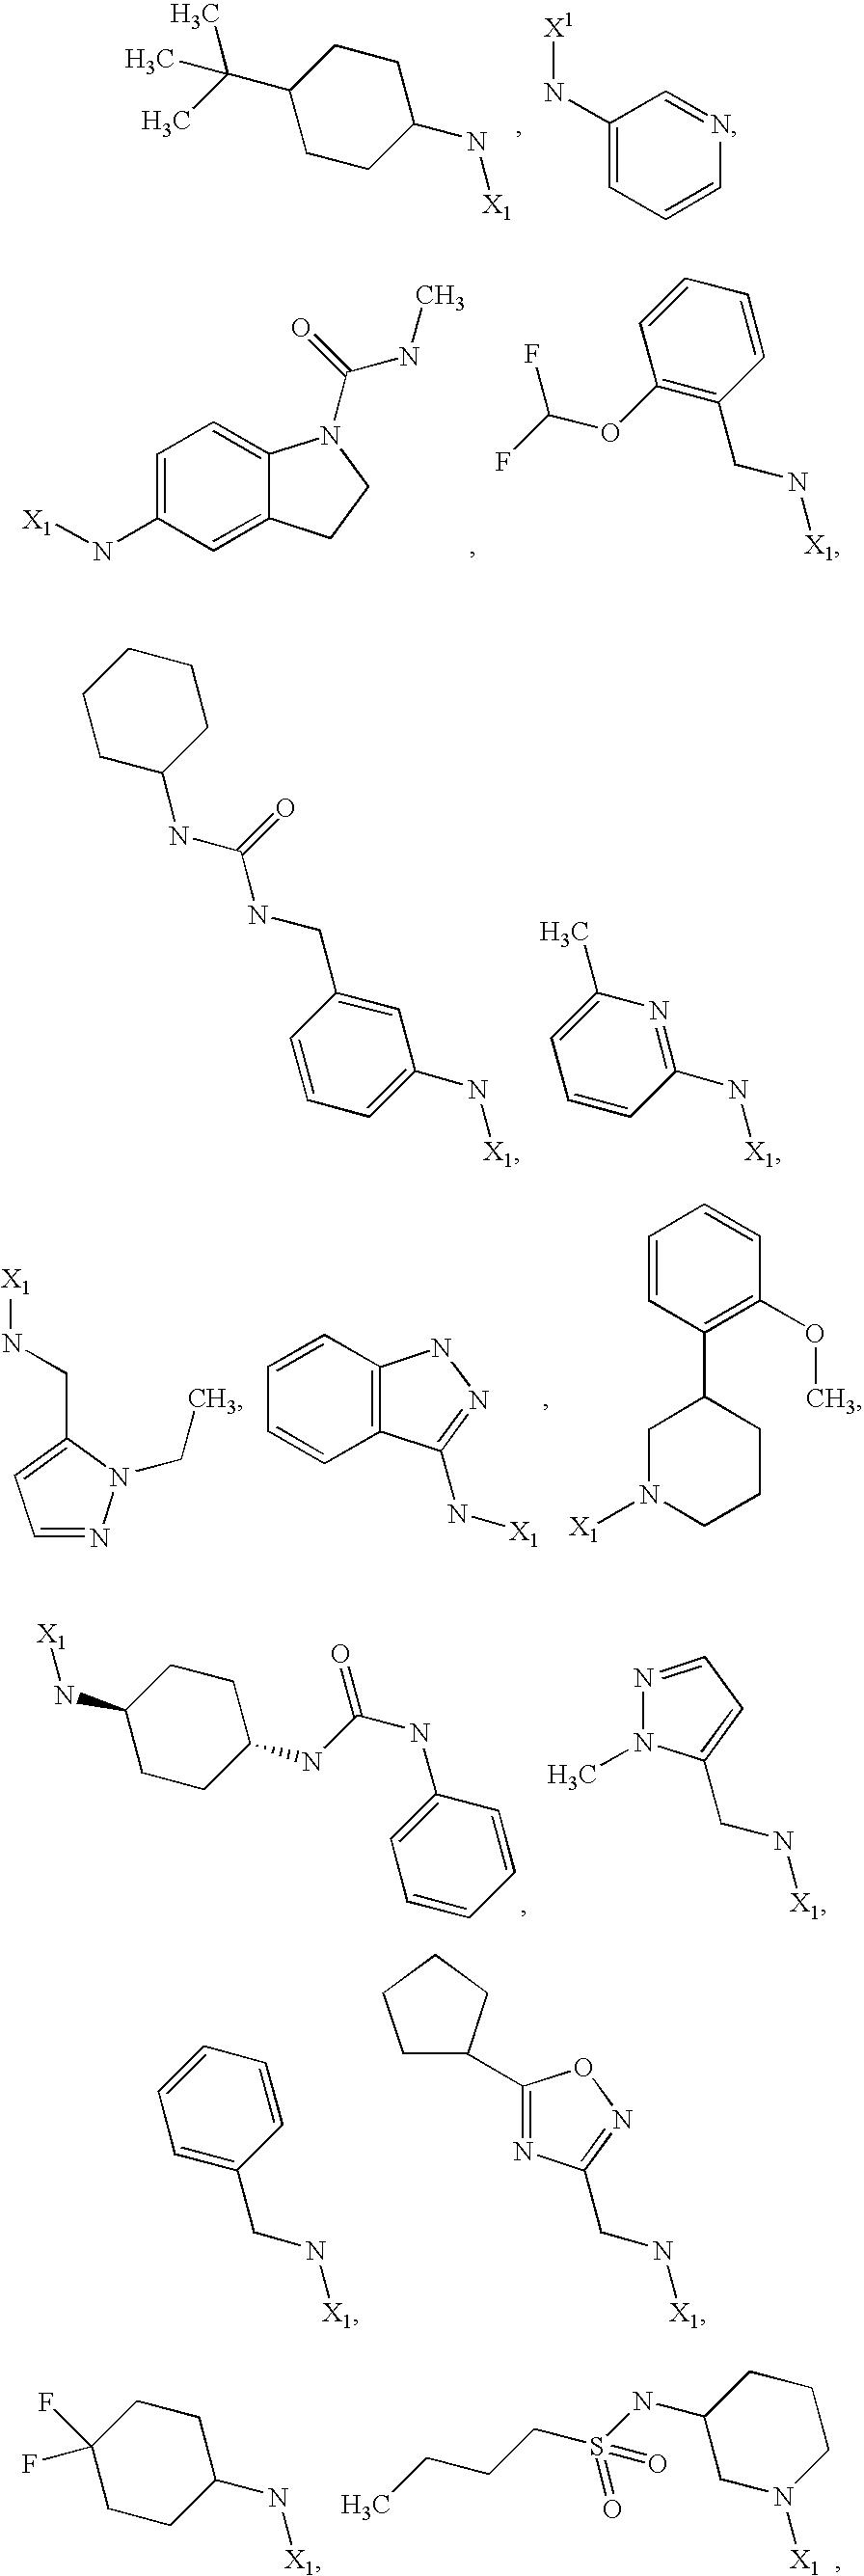 Figure US20100261687A1-20101014-C00516